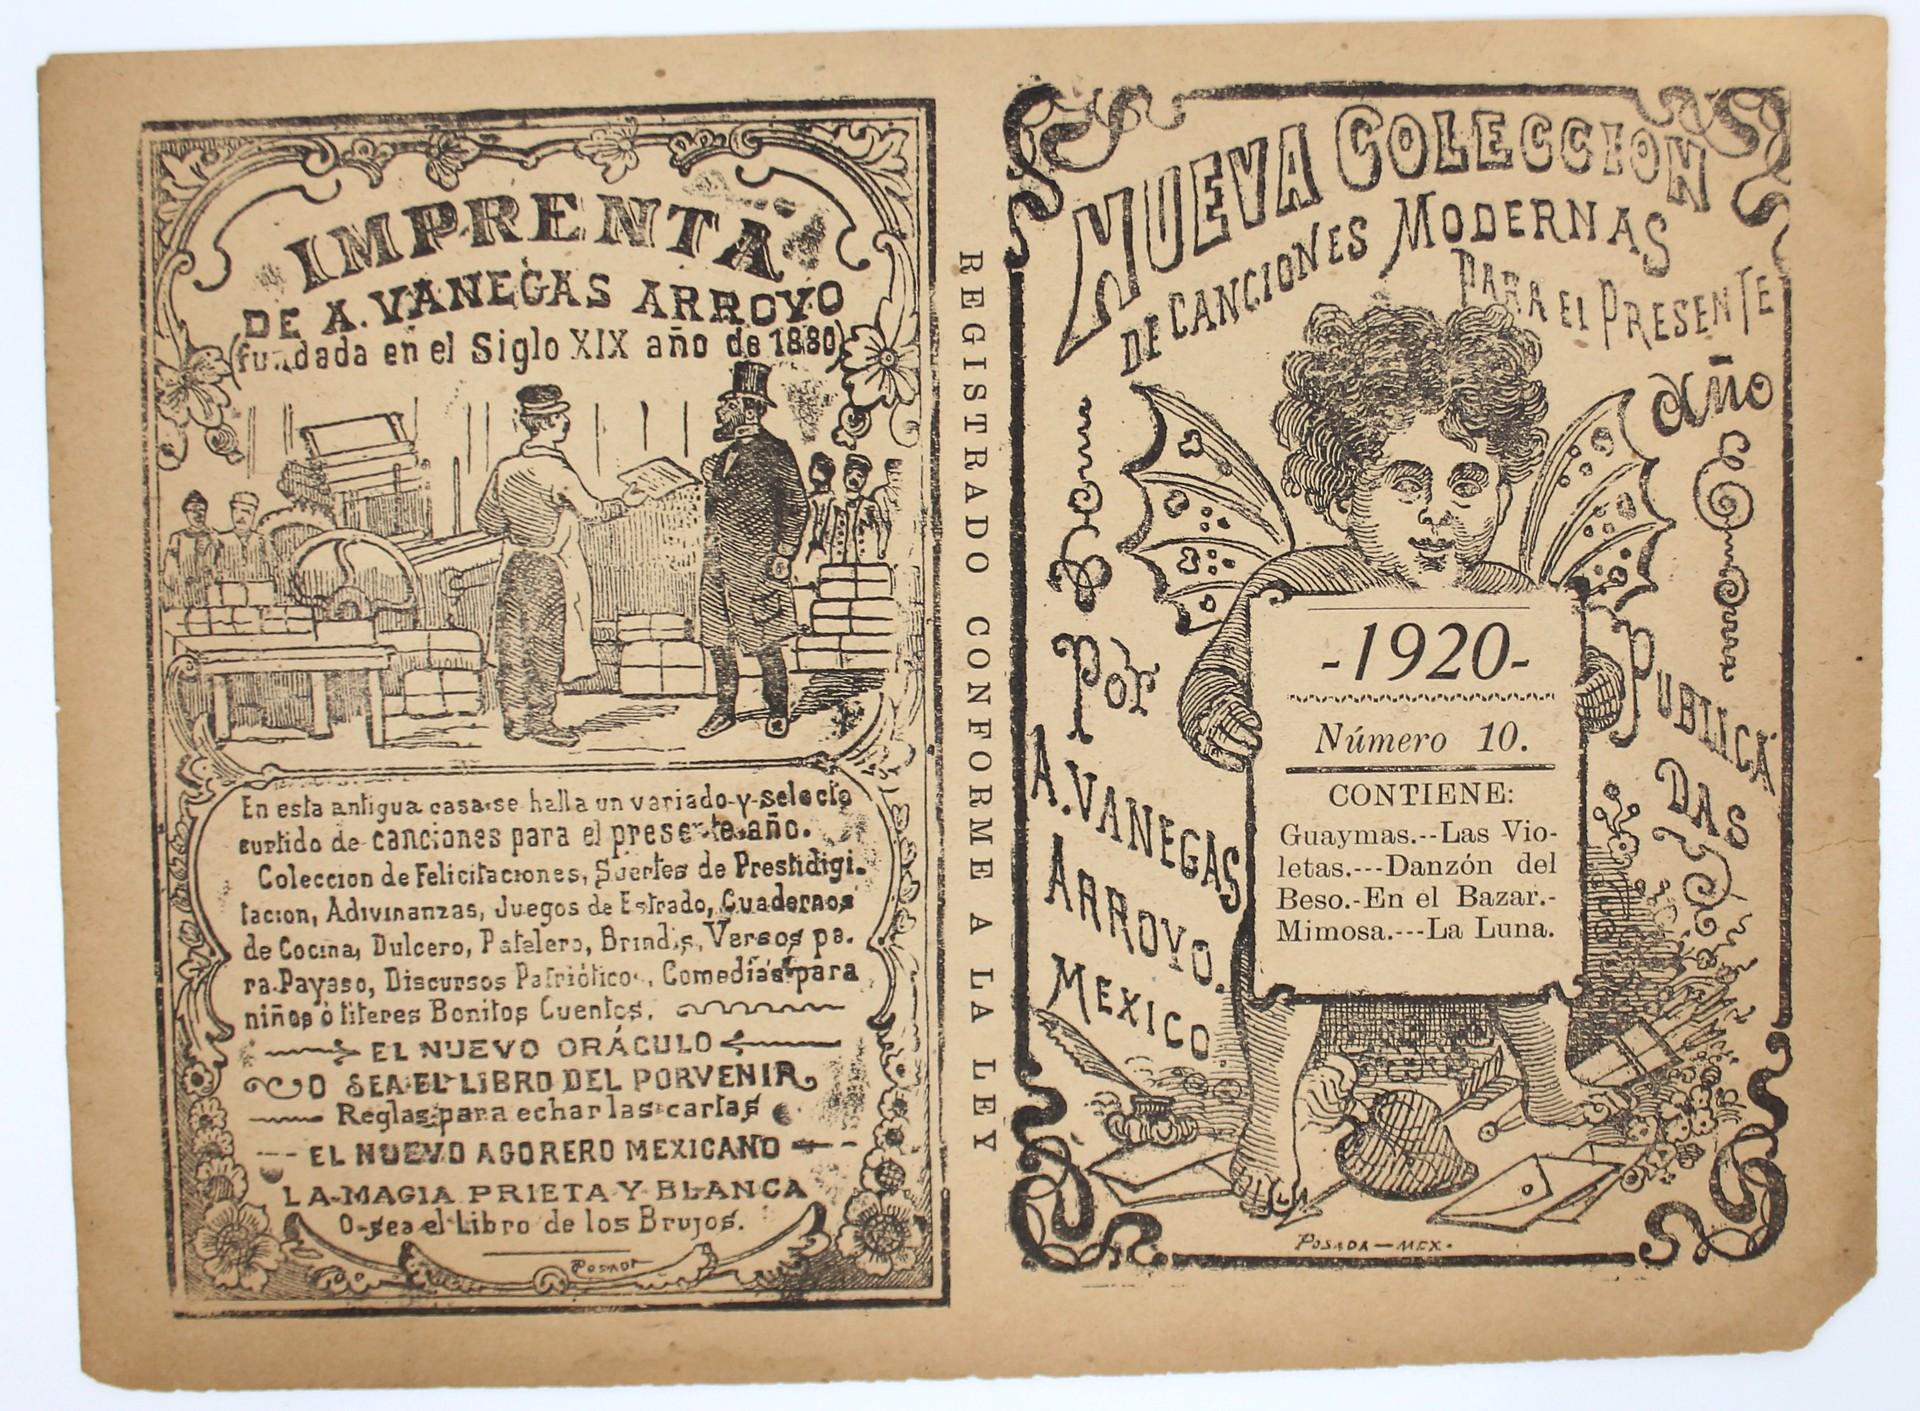 Nueva Colección de Canciones Modernas, No. 10 by José Guadalupe Posada (1852 - 1913)